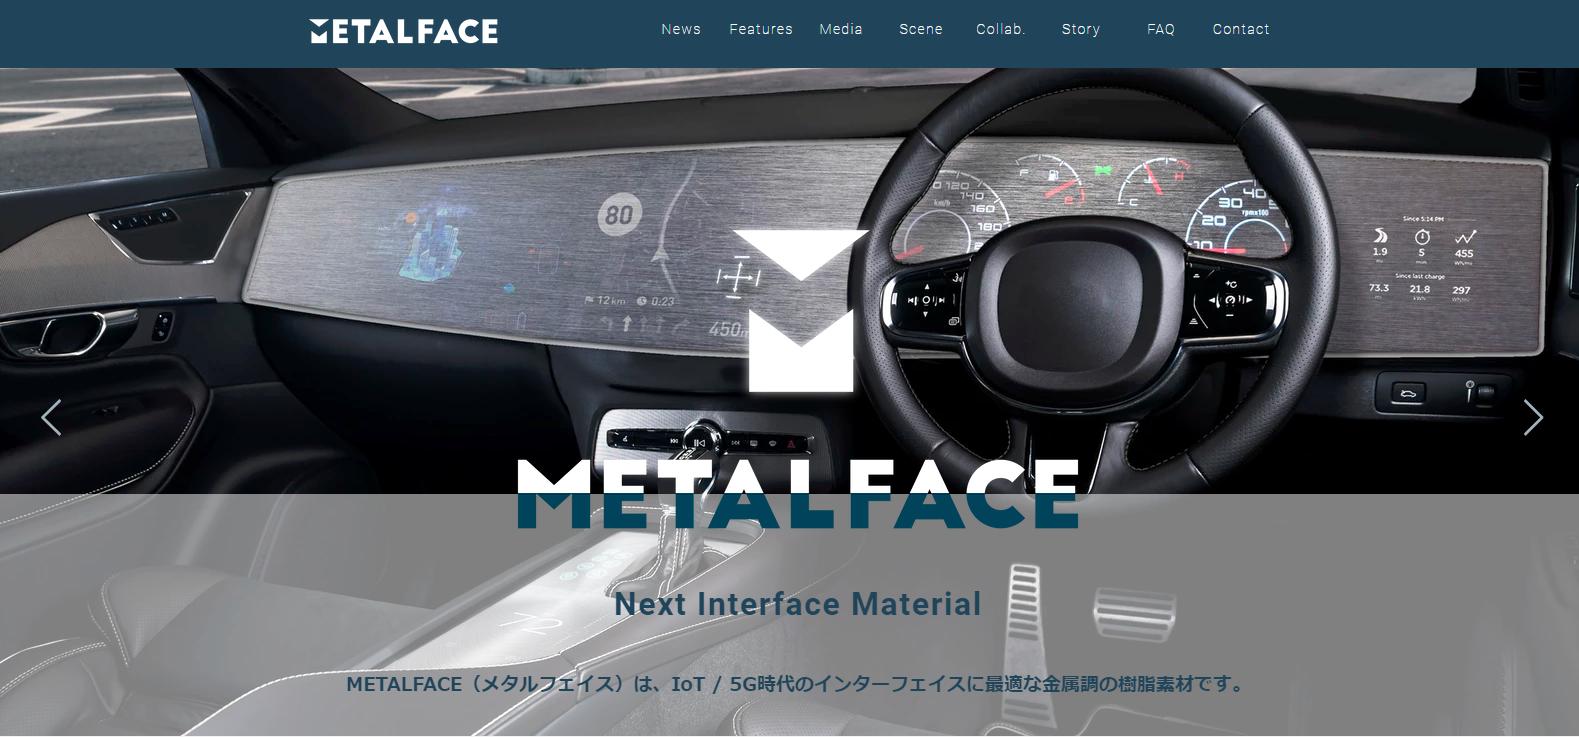 技光堂 世界初の金属印刷技術 メタルフェイスを発表